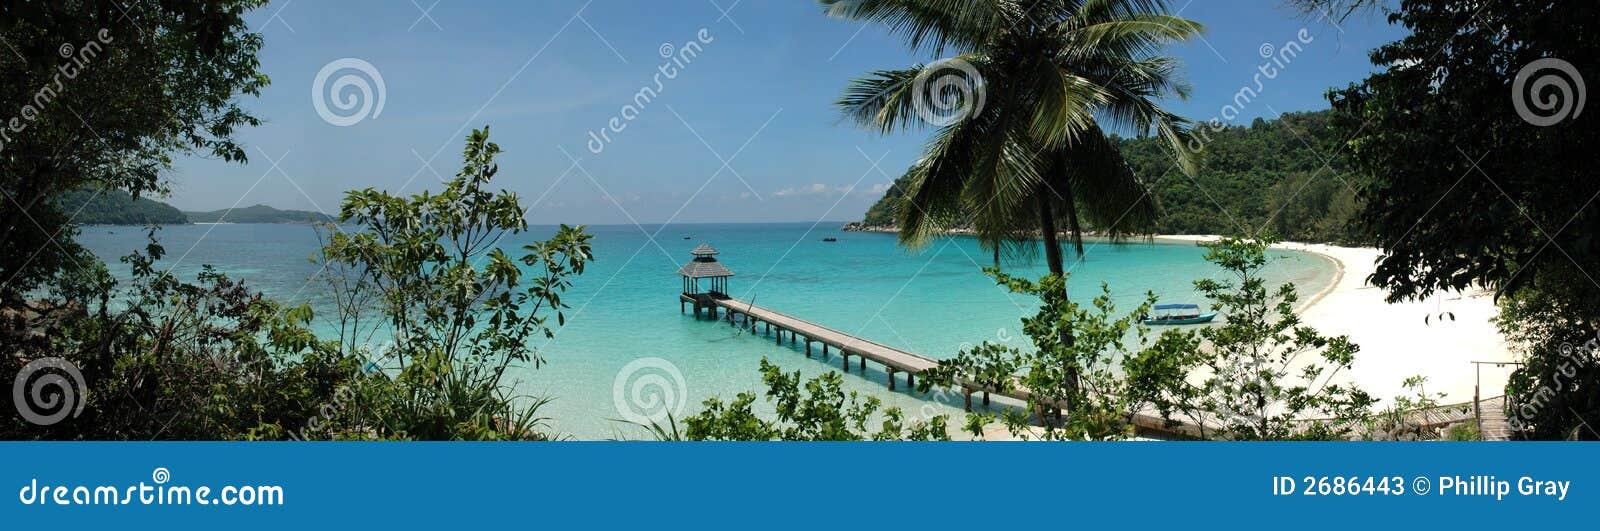 Molo tropicale della spiaggia